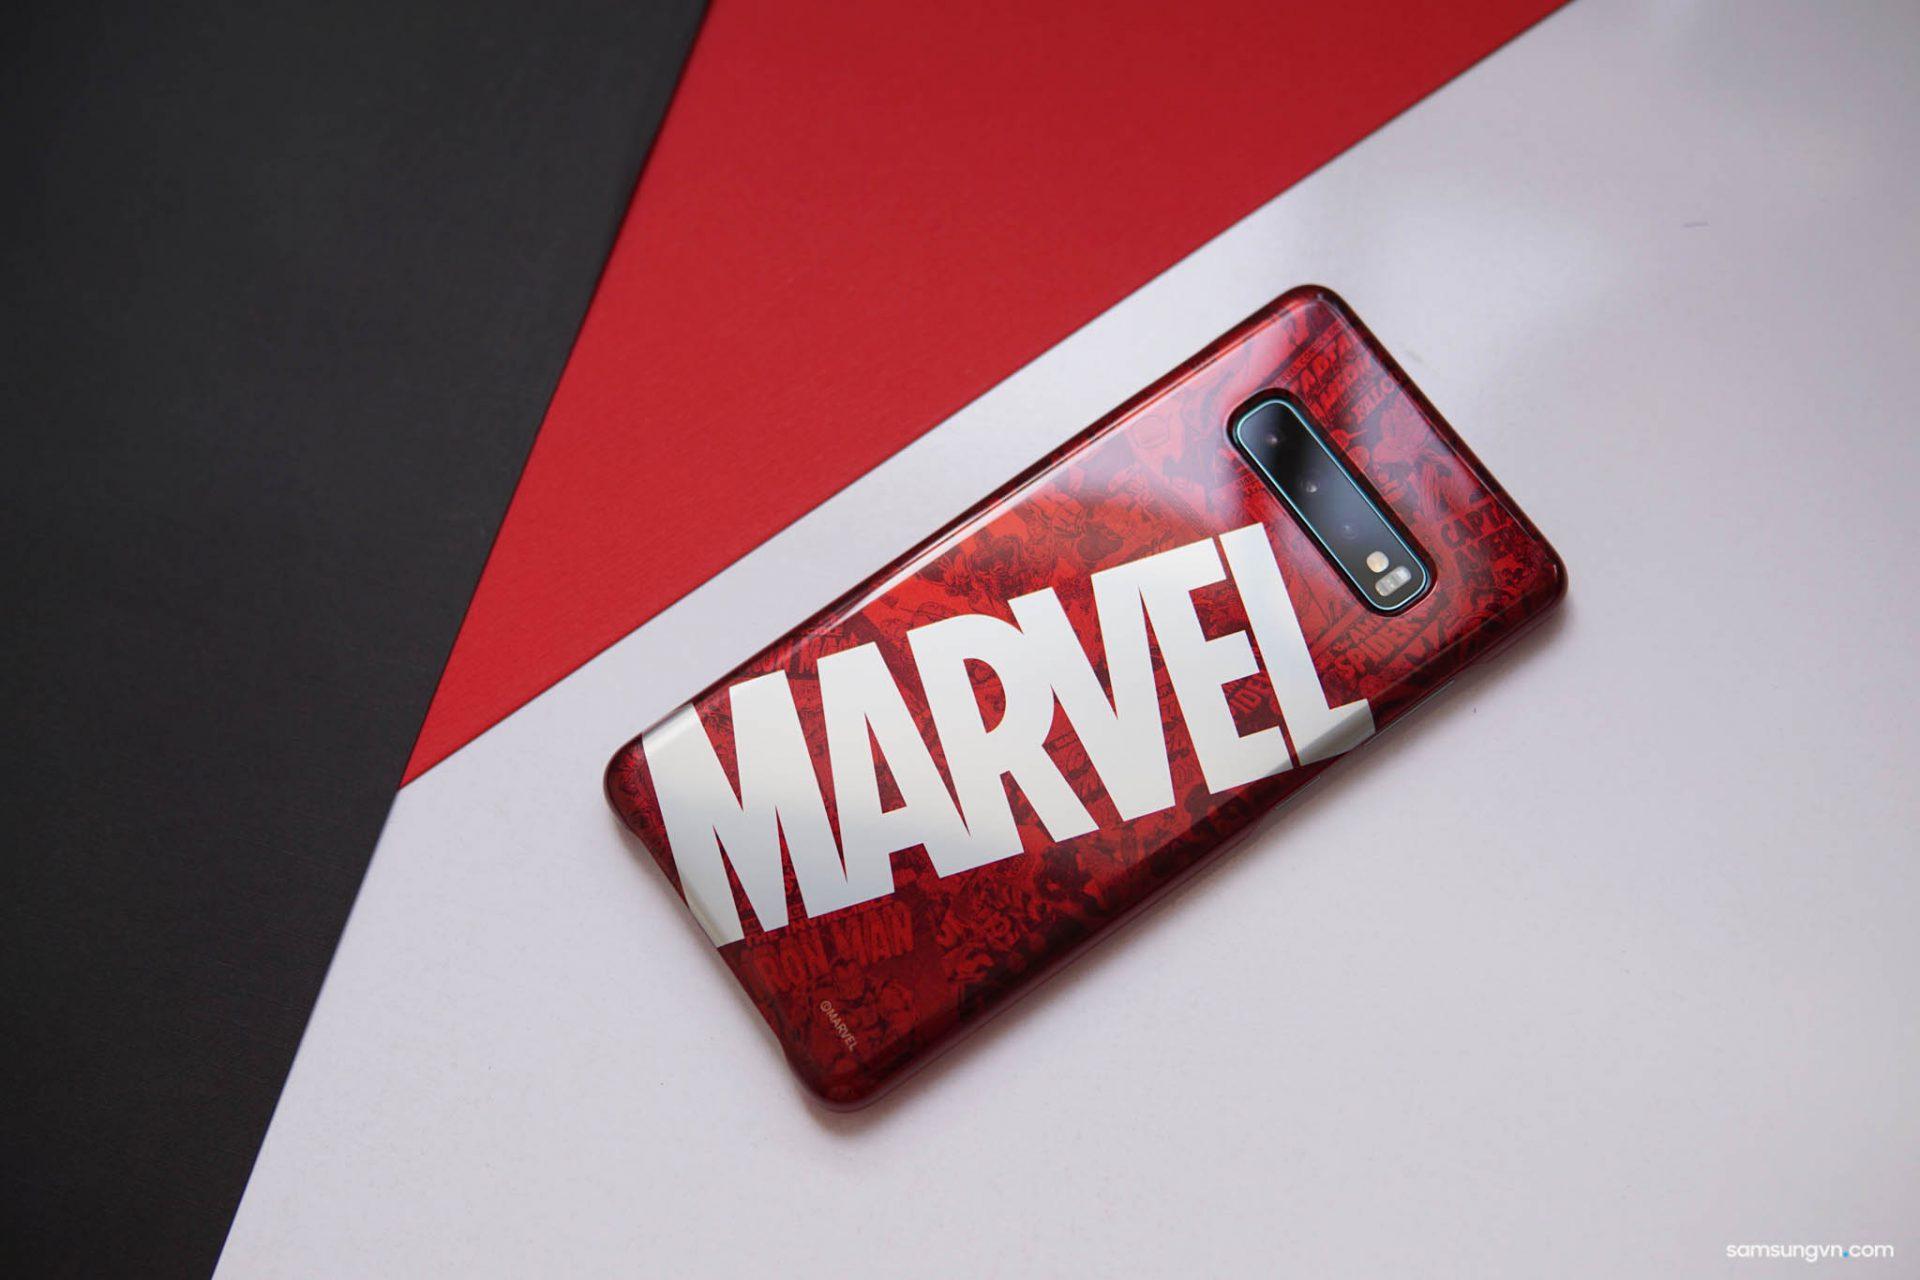 Ưu đãi 50% giá bán ốp lưng Marvel cho người dùng Galaxy S10+ tại Samsung Showcase